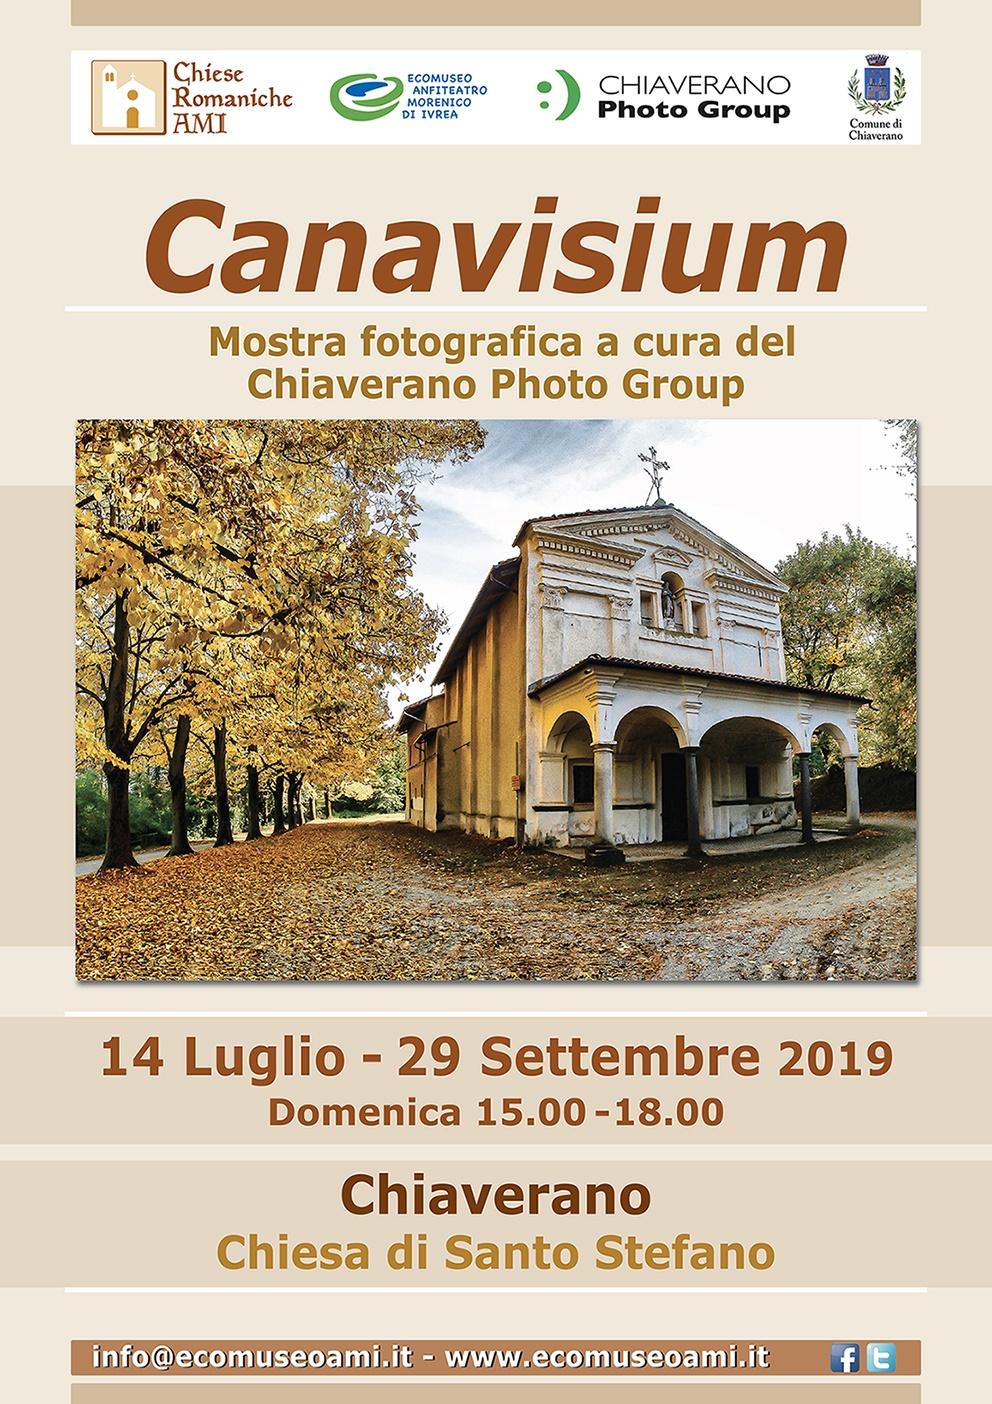 Chiaverano_canavisium